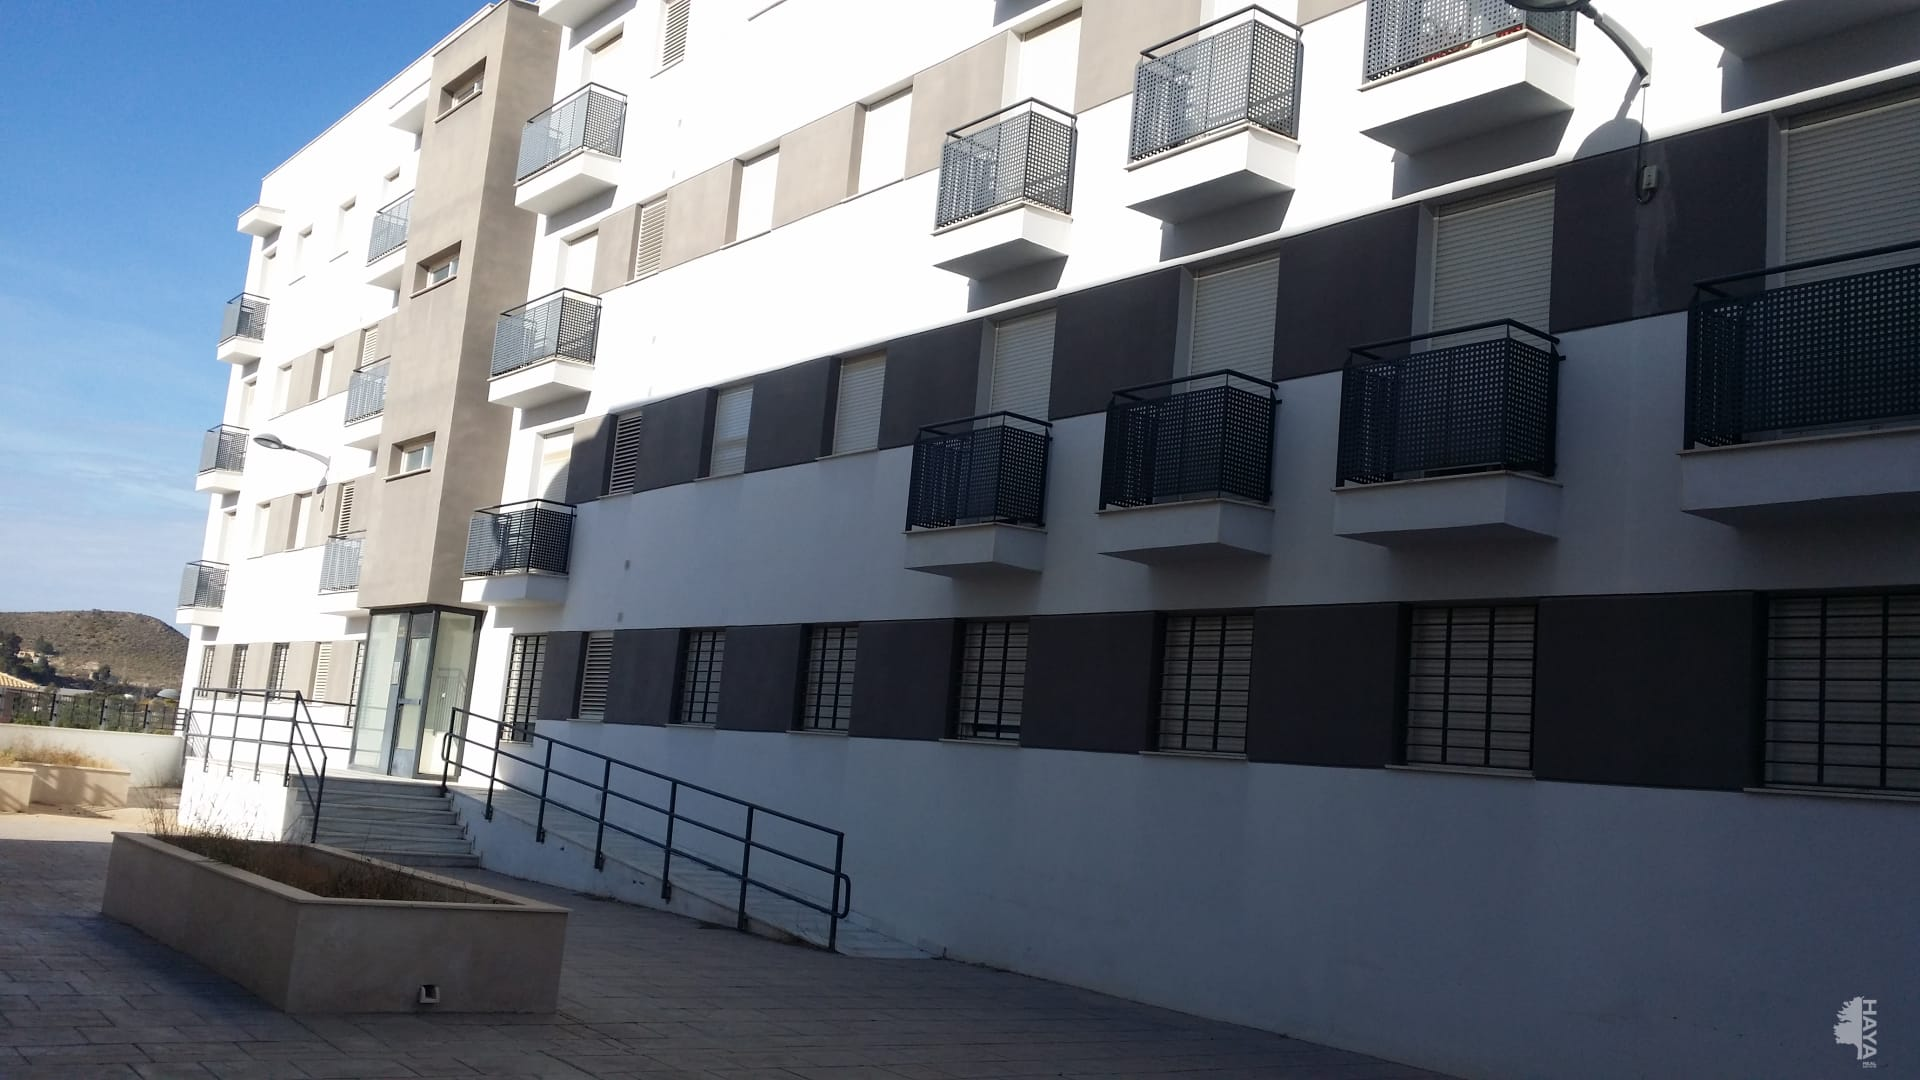 Piso en venta en Olula del Río, Almería, Calle Alta, 68.500 €, 3 habitaciones, 1 baño, 104 m2